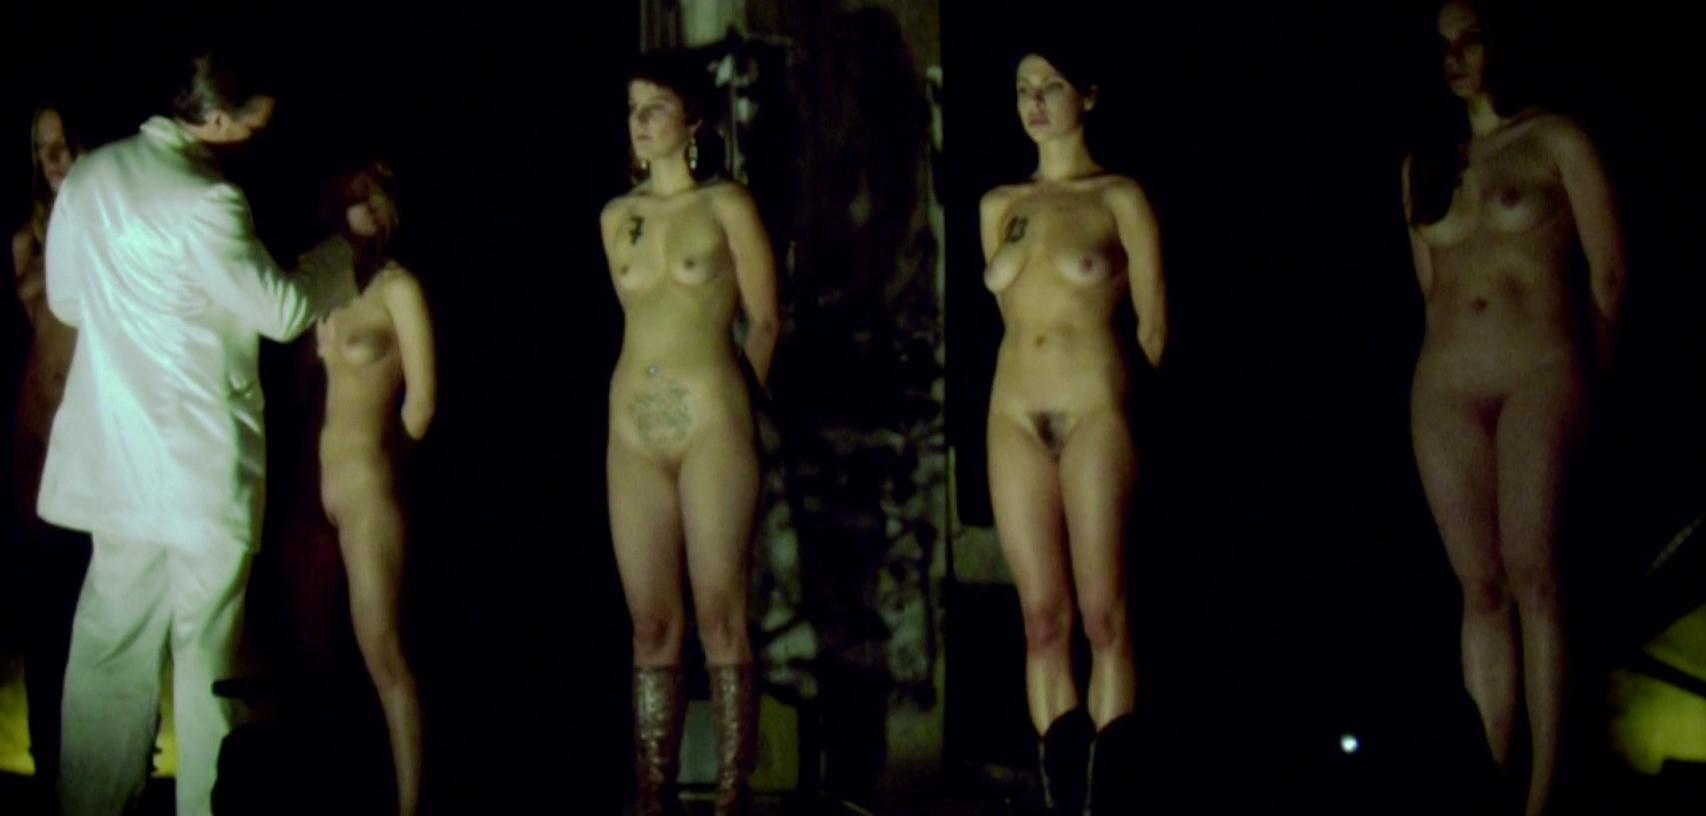 Filme Mit Nackten Frauen